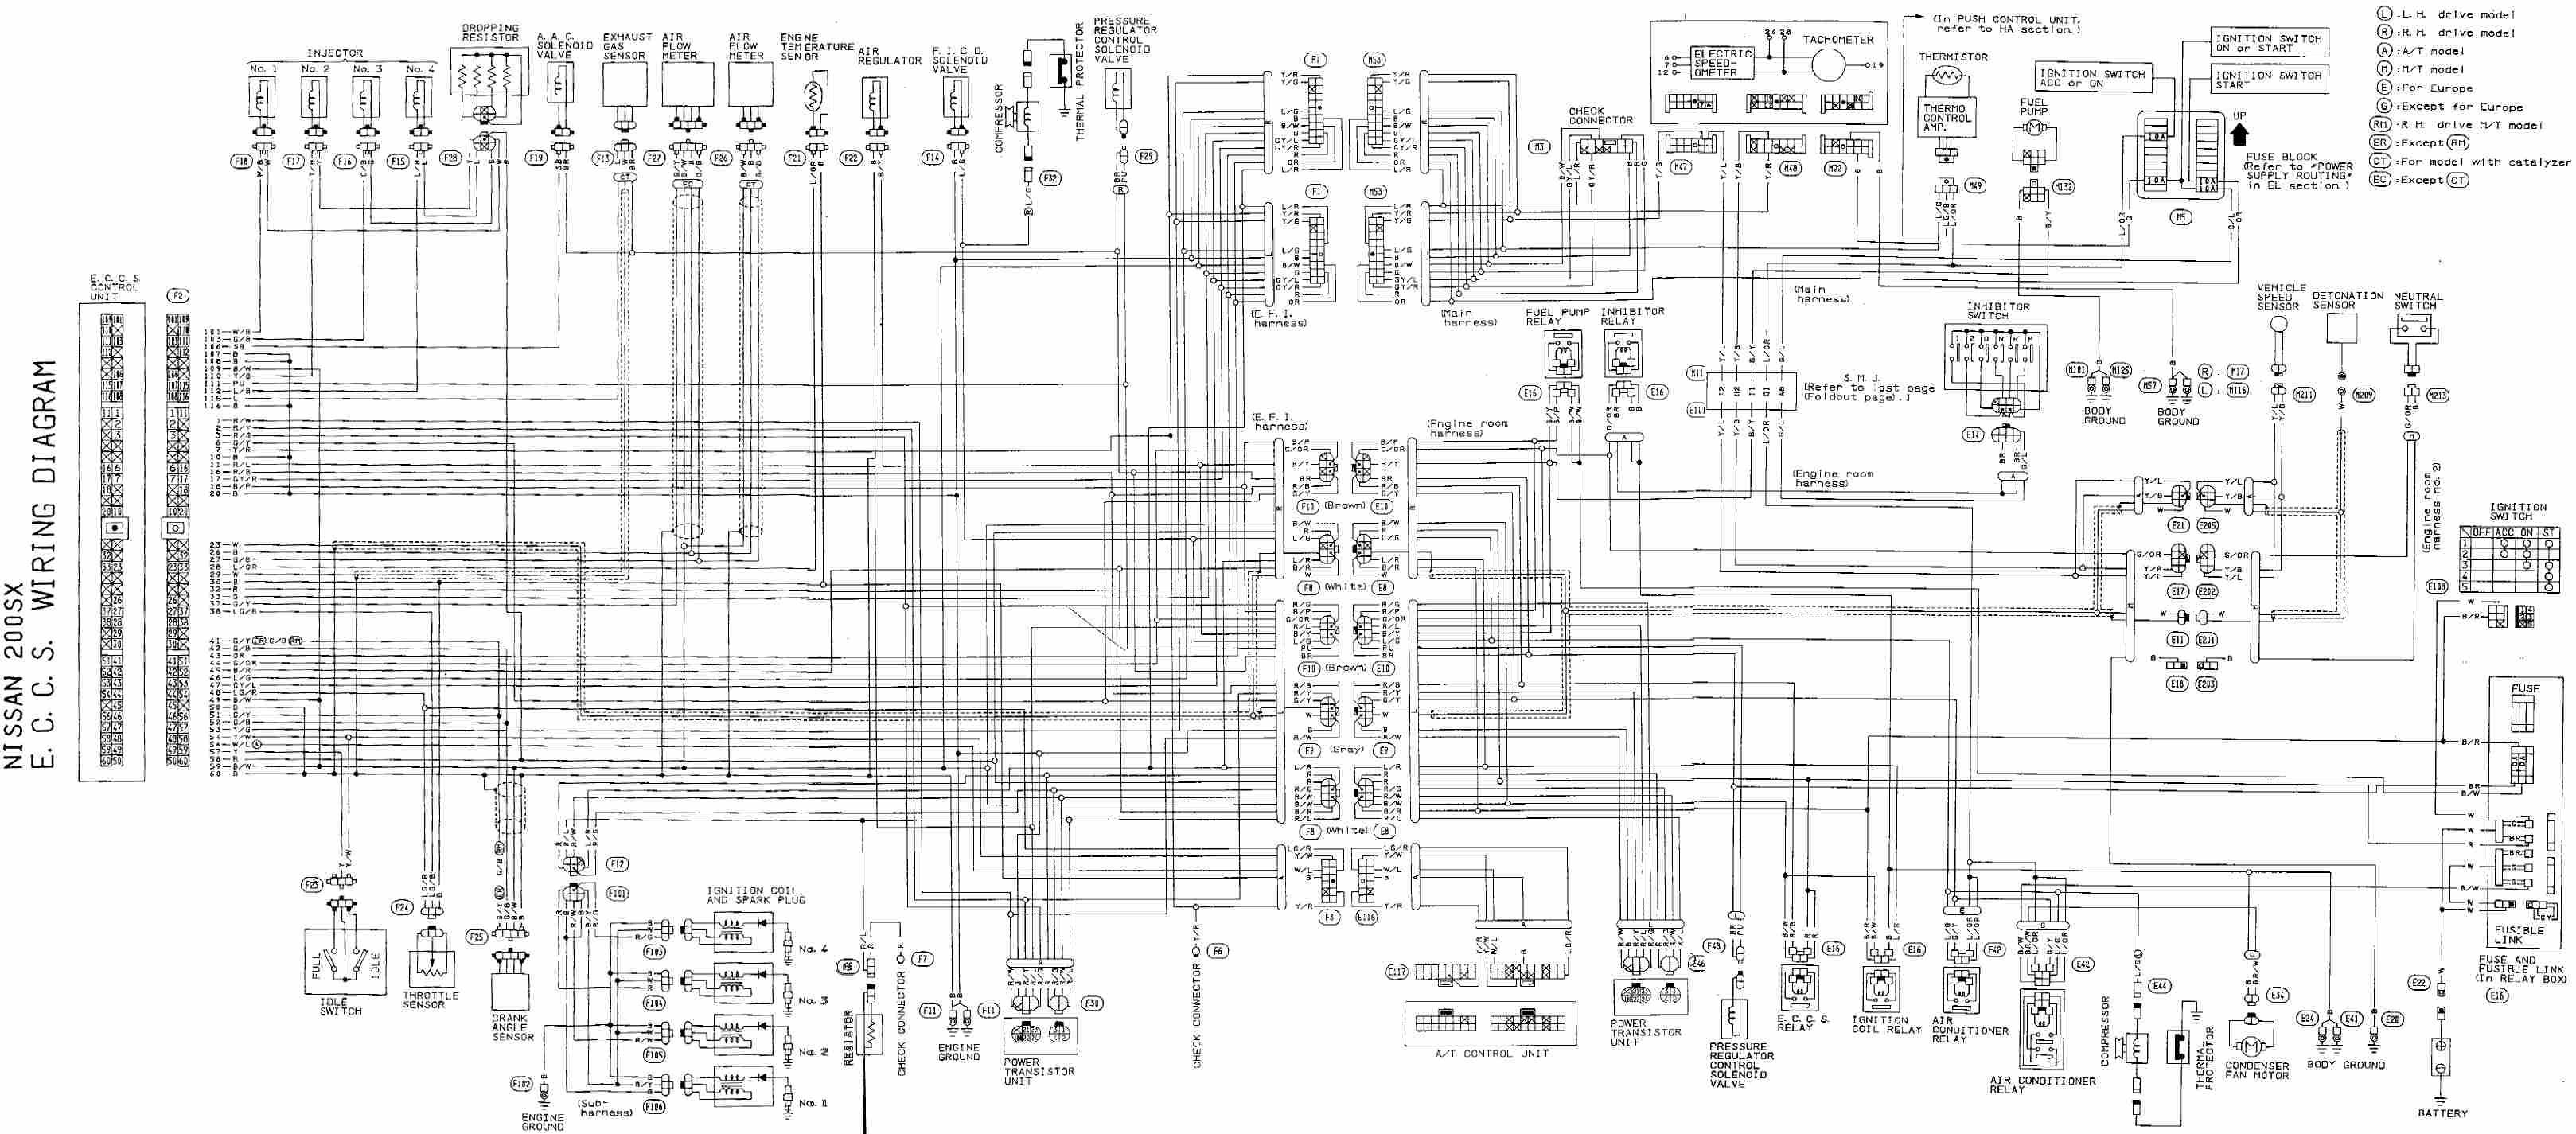 89 nissan 300zx engine diagram wiring diagram data 92 240Sx Injector Wire Diagram 89 nissan 300zx diagram wiring diagram nissan 300zx wiring diagram 89 nissan 300zx diagram schema